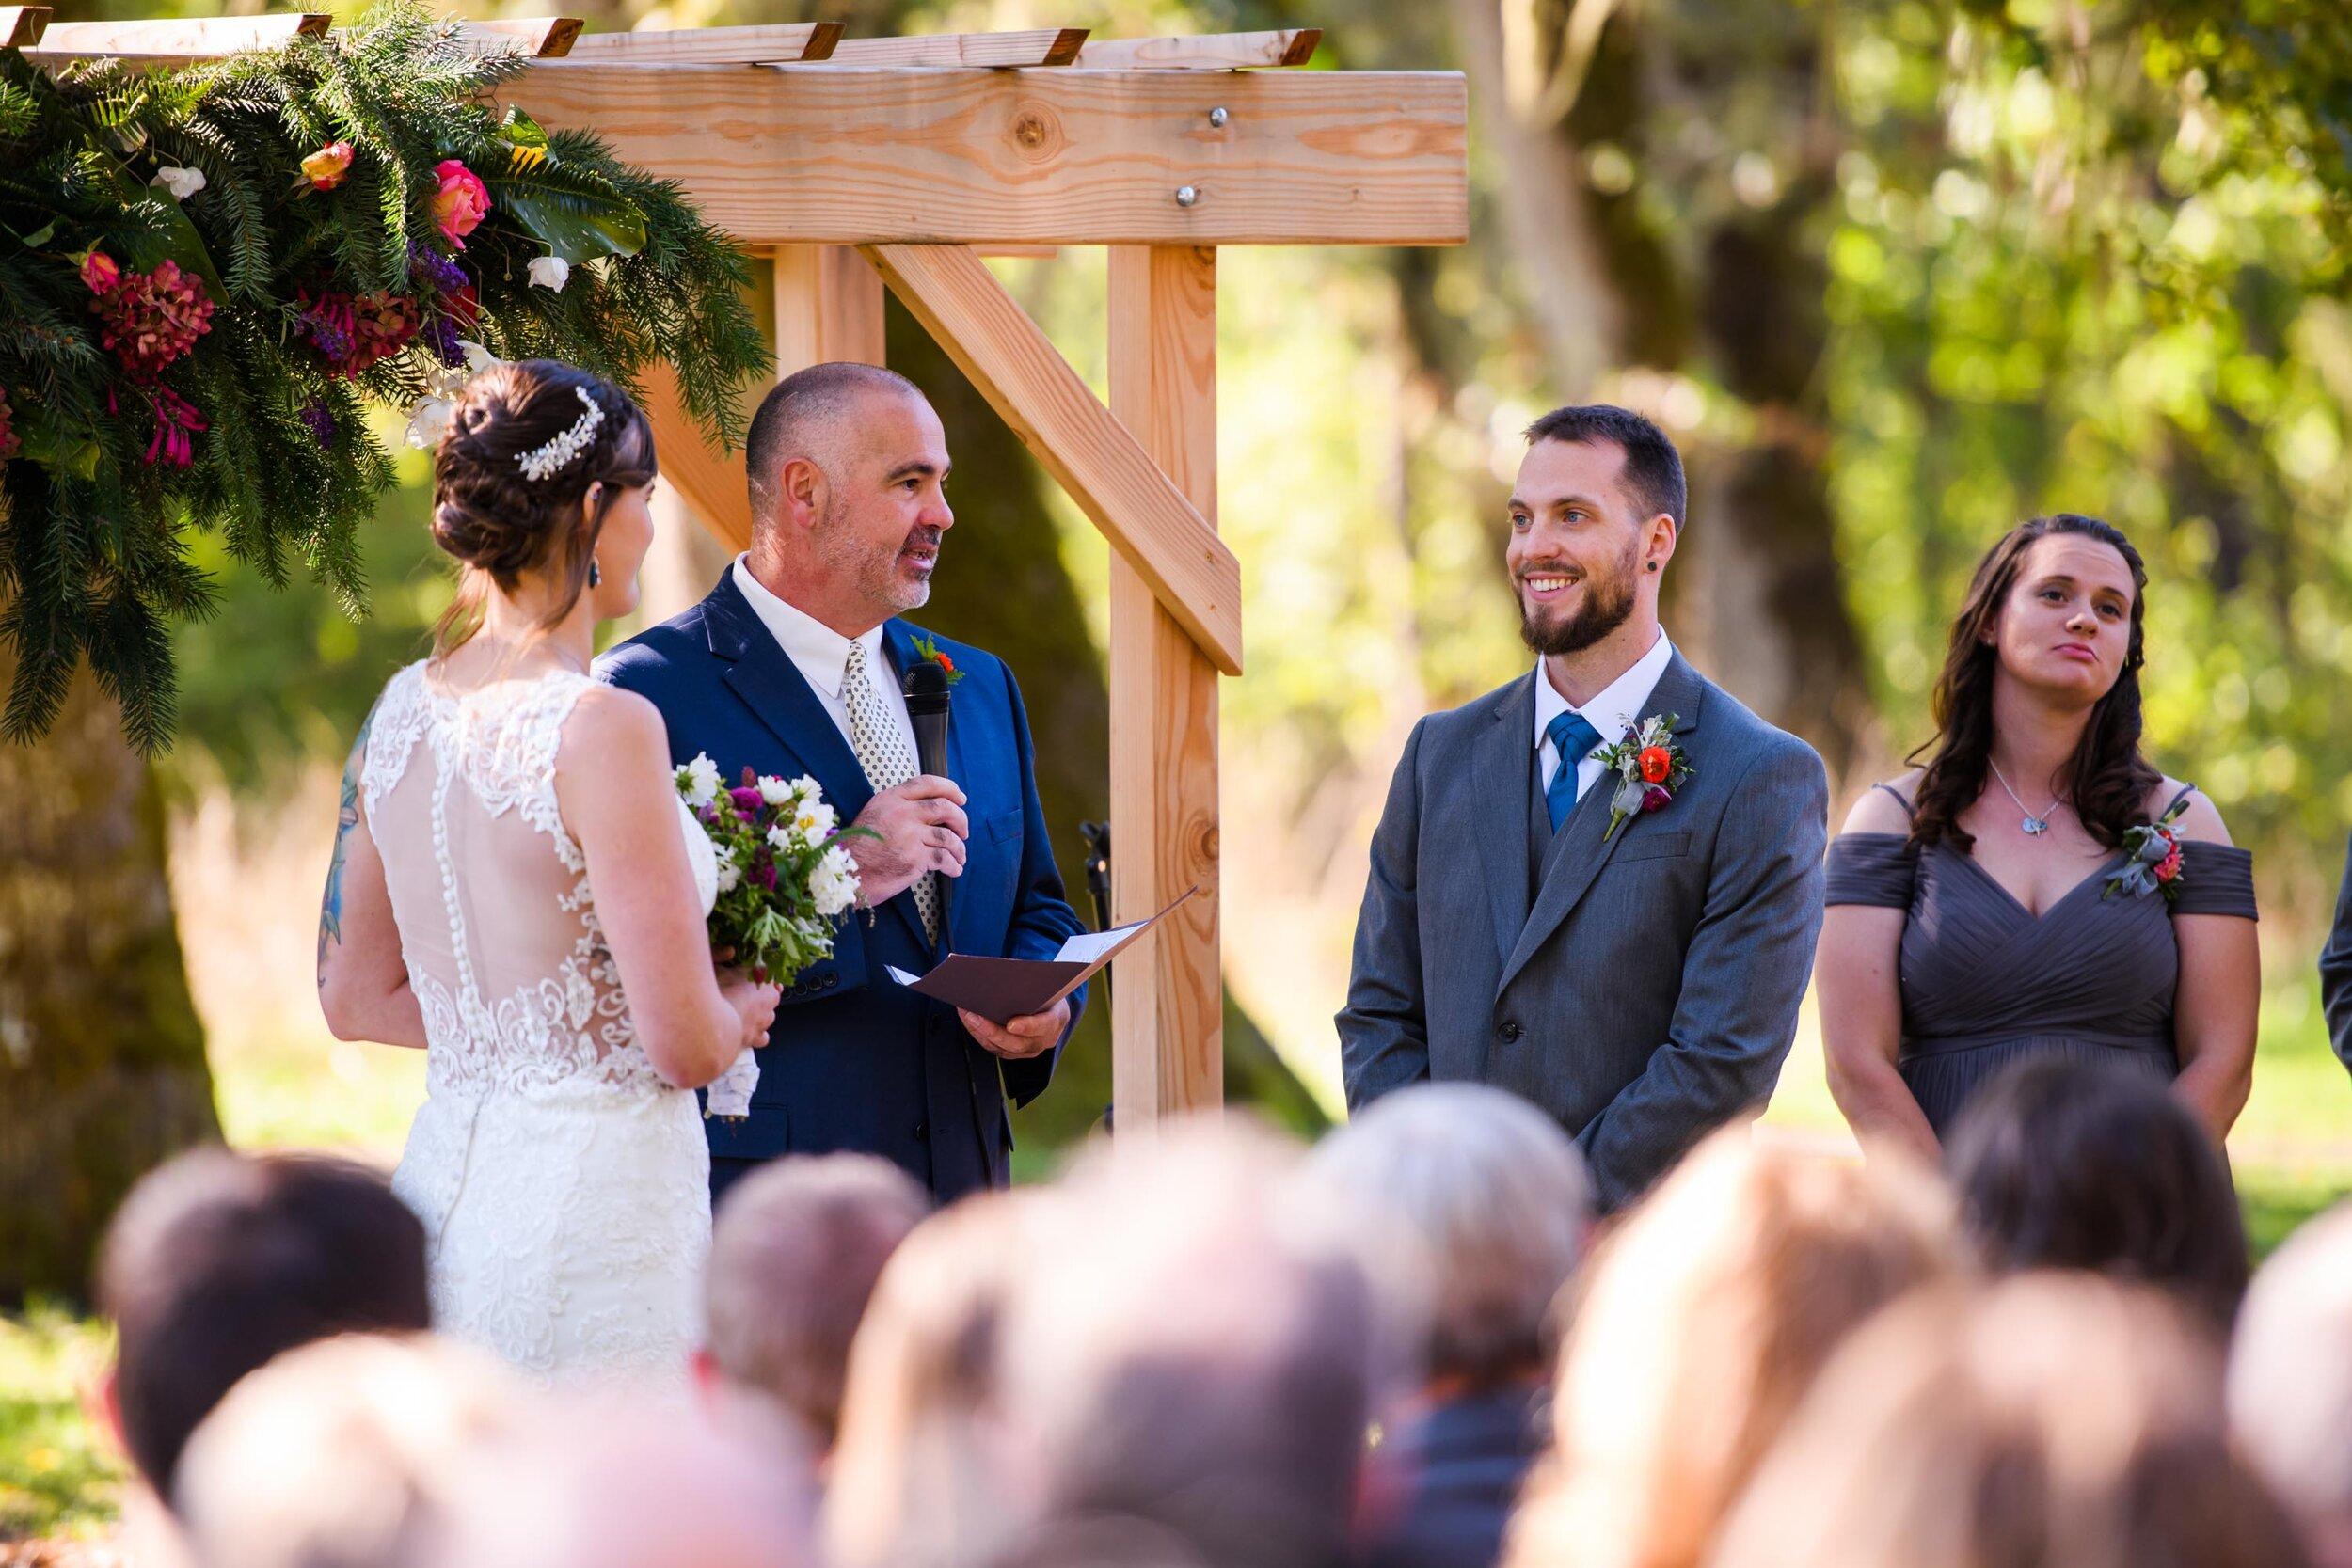 Mt. Pisgah Arboretum wedding photos 75.JPG